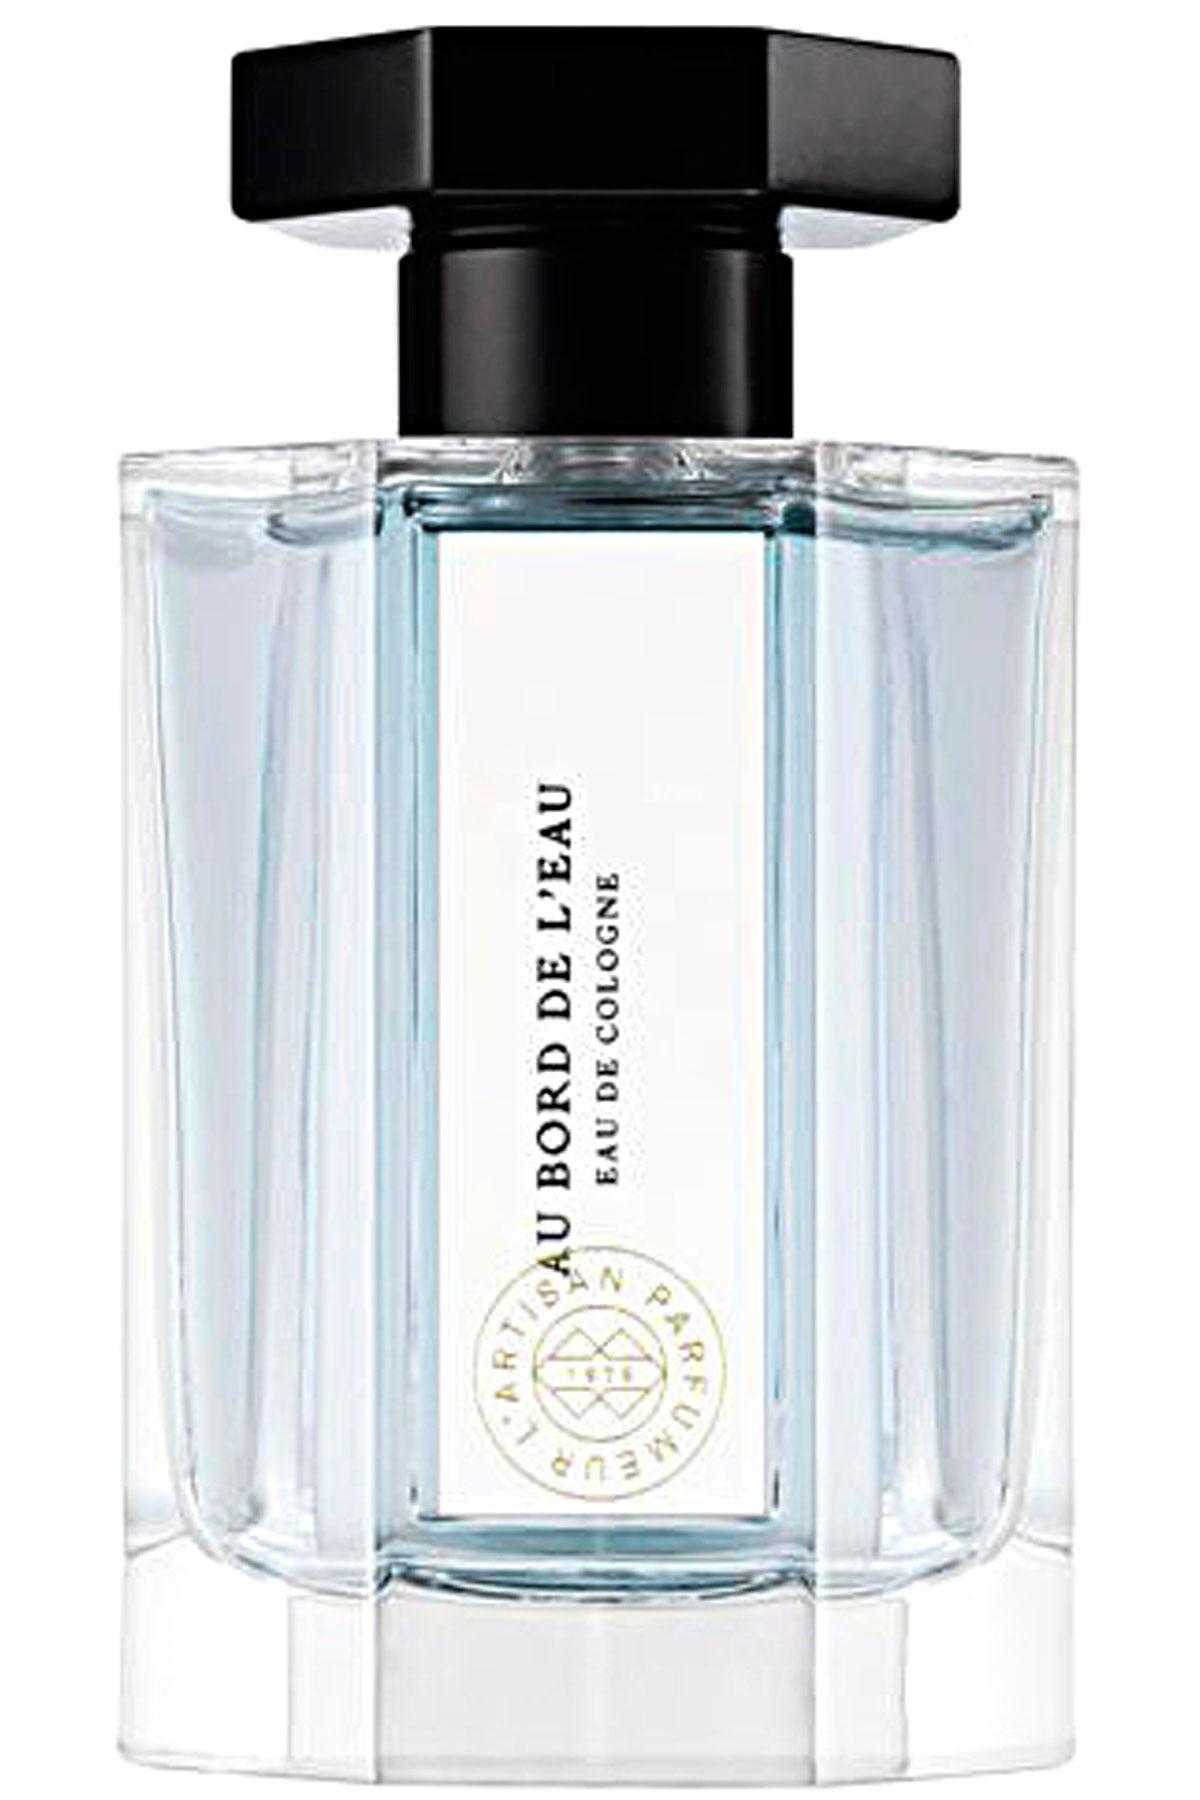 Artisan Parfumeur Fragrances for Women, Au Bord De L Eau - Eau De Toilette - 100 Ml, 2019, 100 ml